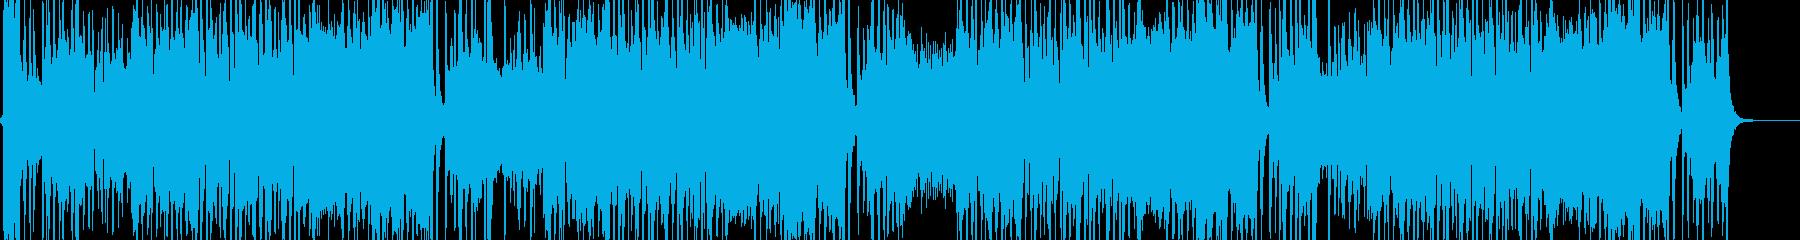 戦場を演出するオーケストラ ピアノ無Bの再生済みの波形